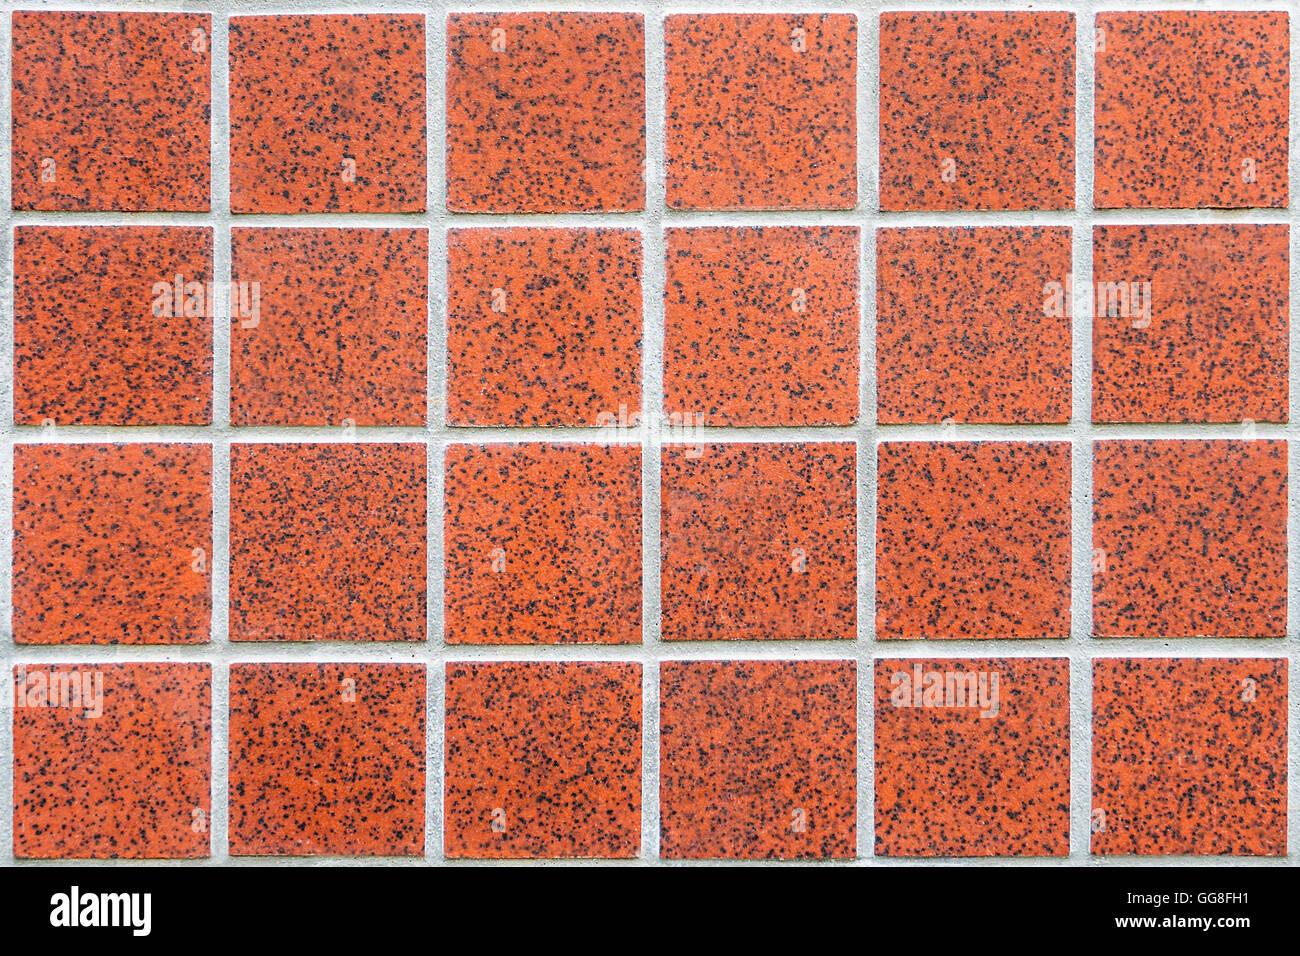 Mosaico di moderno rosso piastrelle in ceramica con piazze e bordo